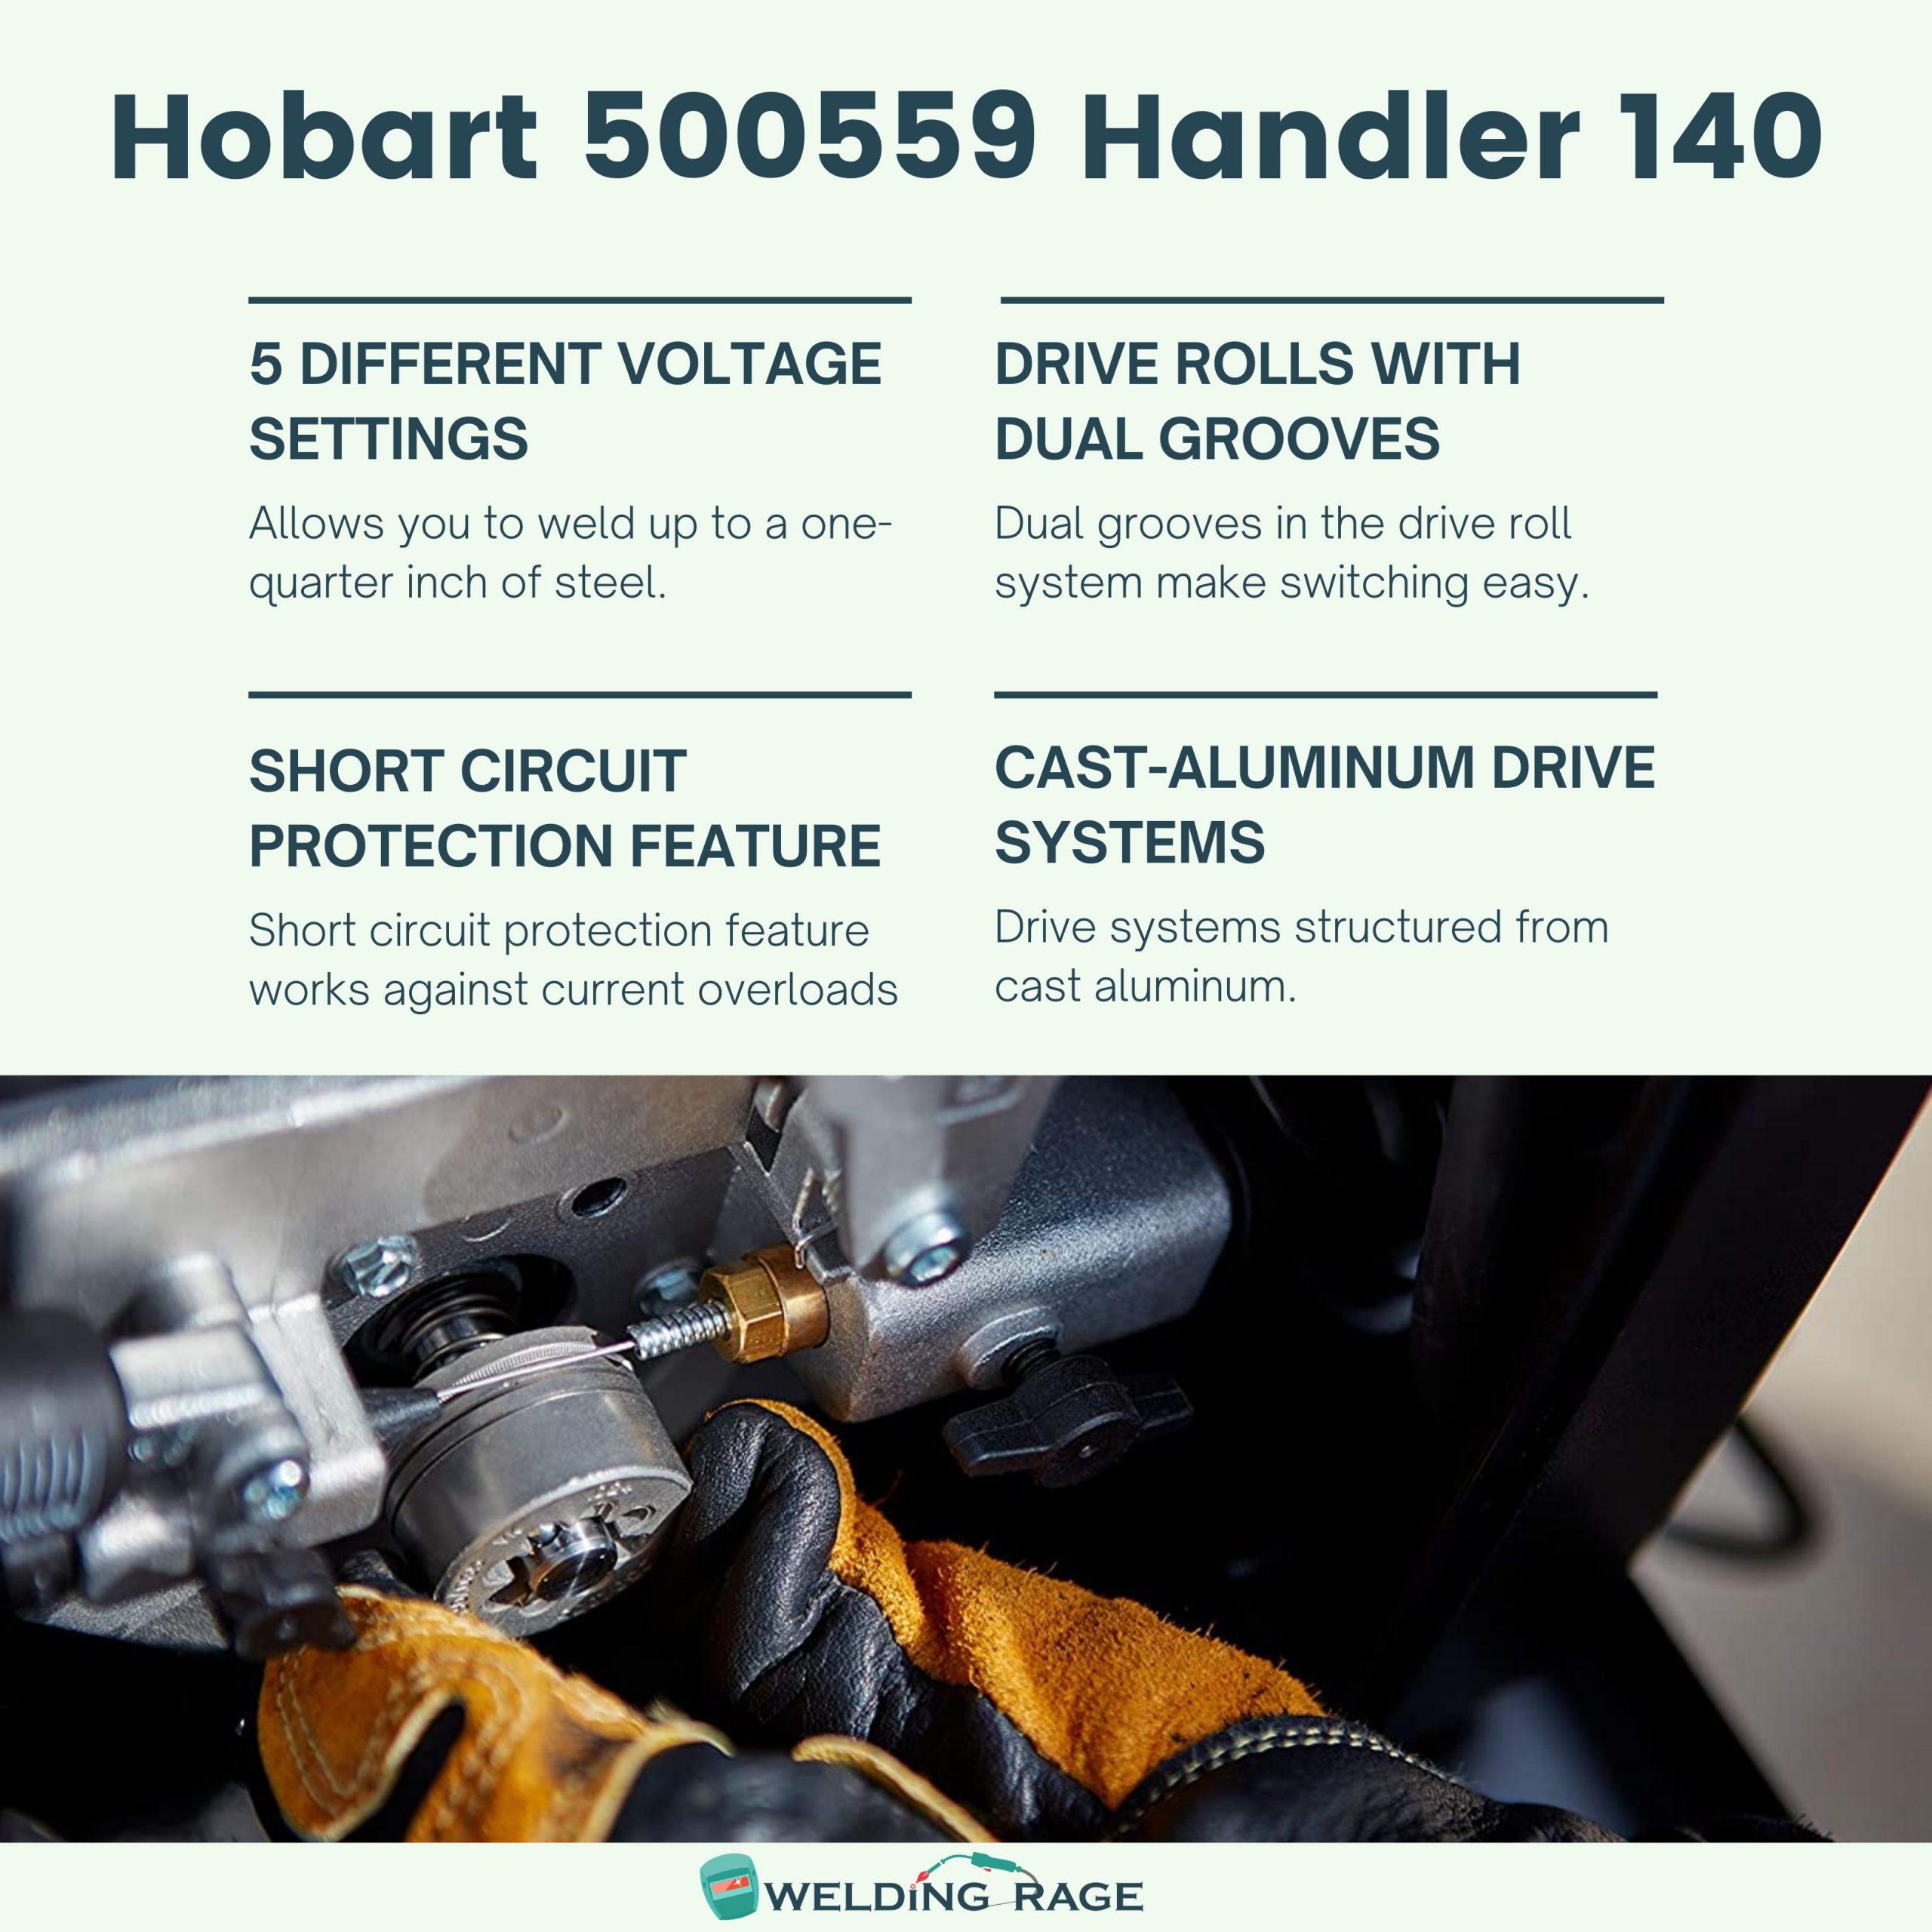 Hobart Handler 140 Key Features